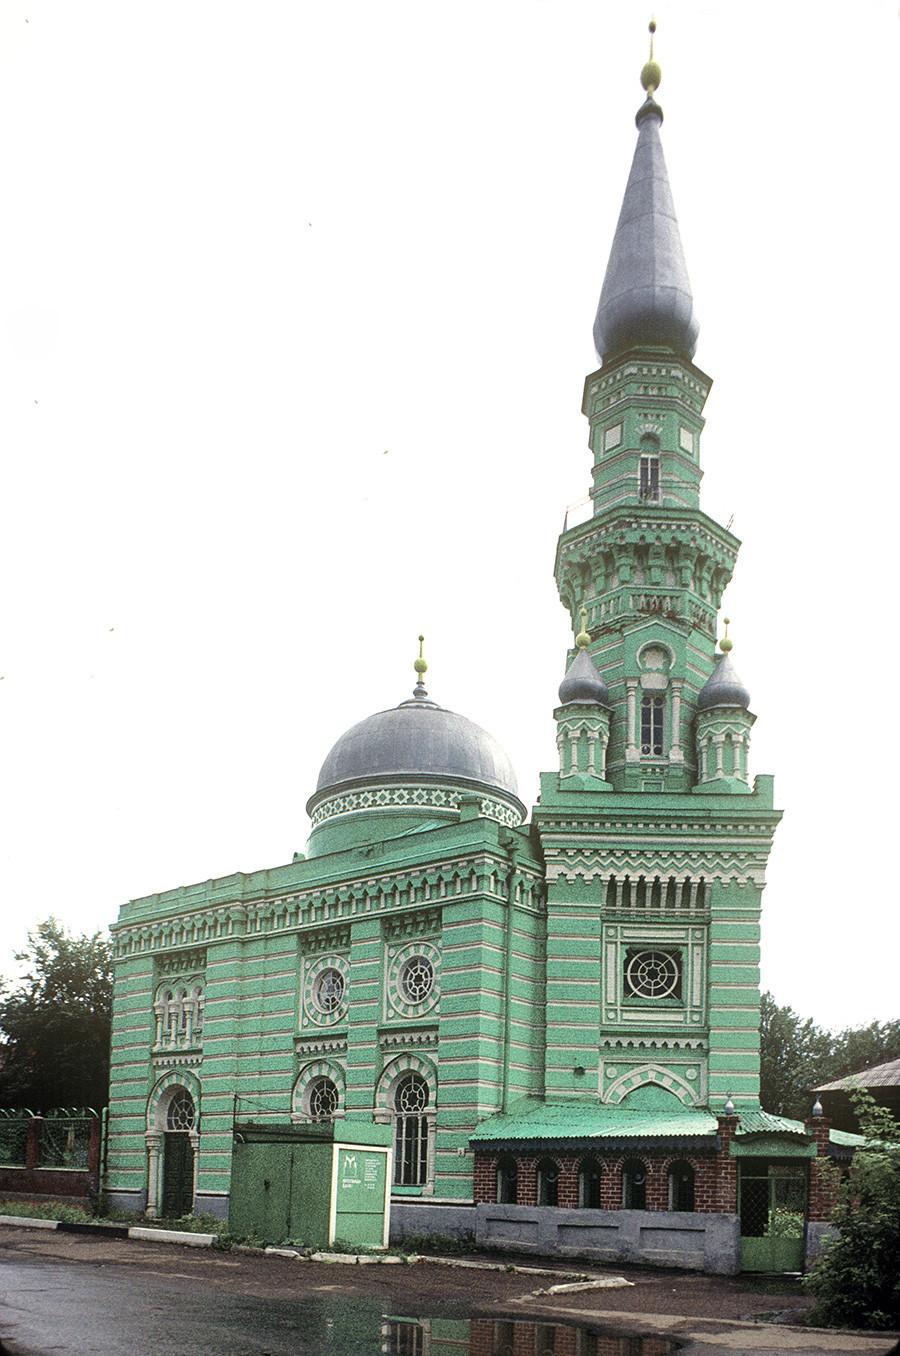 Glavna mošeja in minaret. Fotografija: William Brumfield. 22. avgust 1999 Glavna mošeja in minaret v večerni svetlobi. 23. avgust 1999